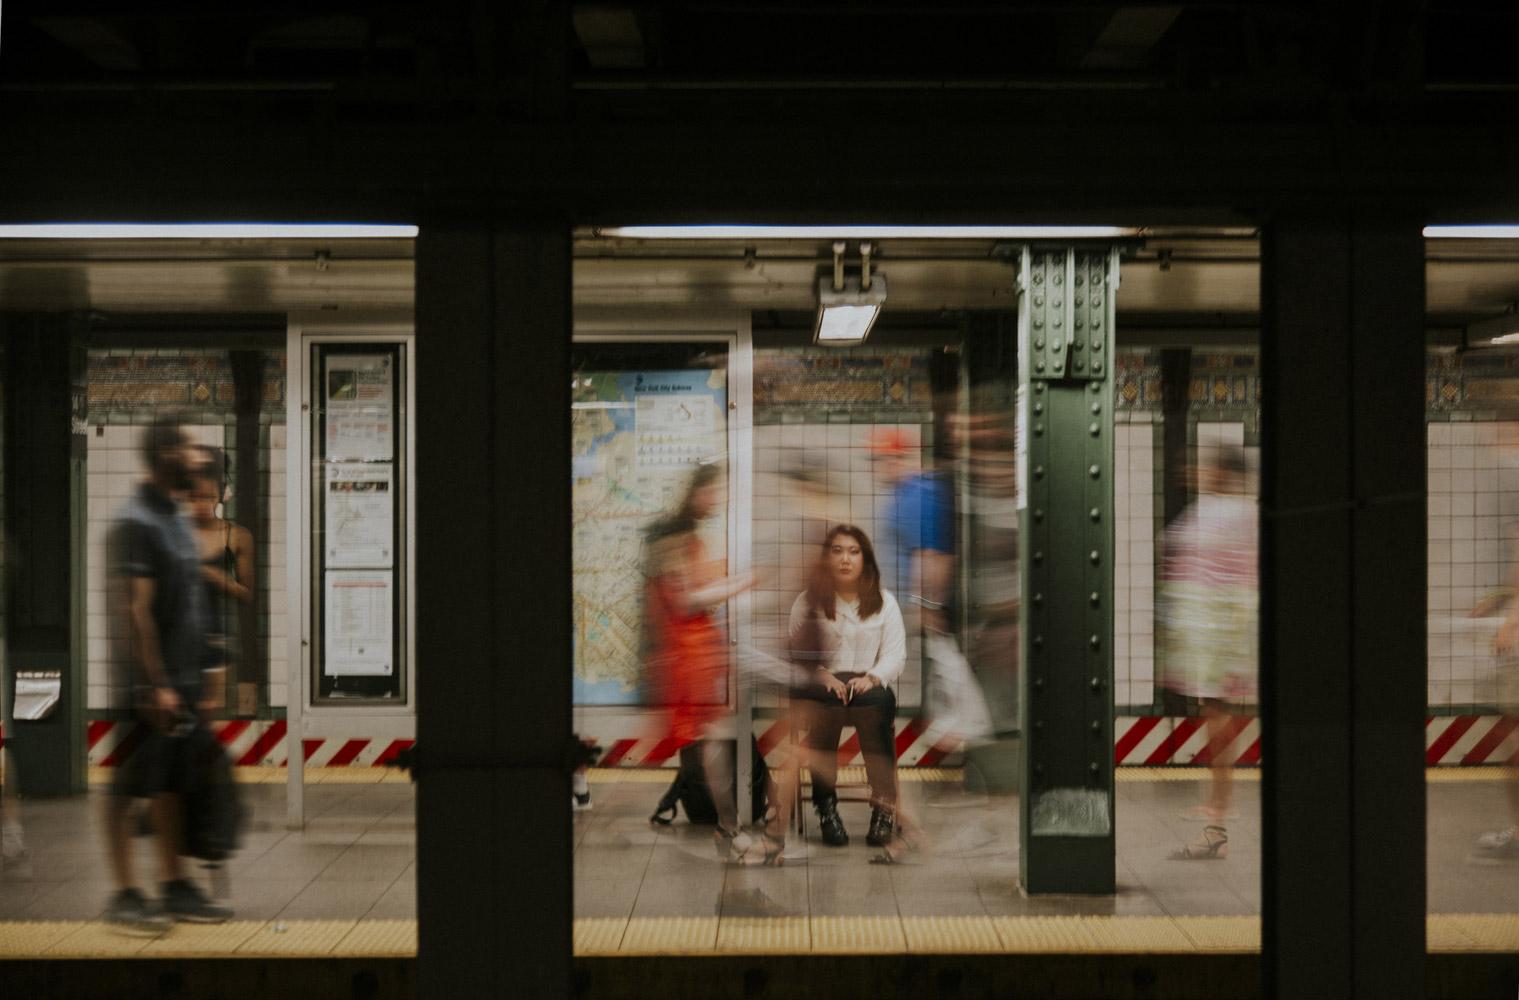 Exi[s]t, © Халели Сеойон, Нью-Йорк, США, Первое место в категории «Любитель: Автопортреты», Конкурс портретной фотографии «Лица»